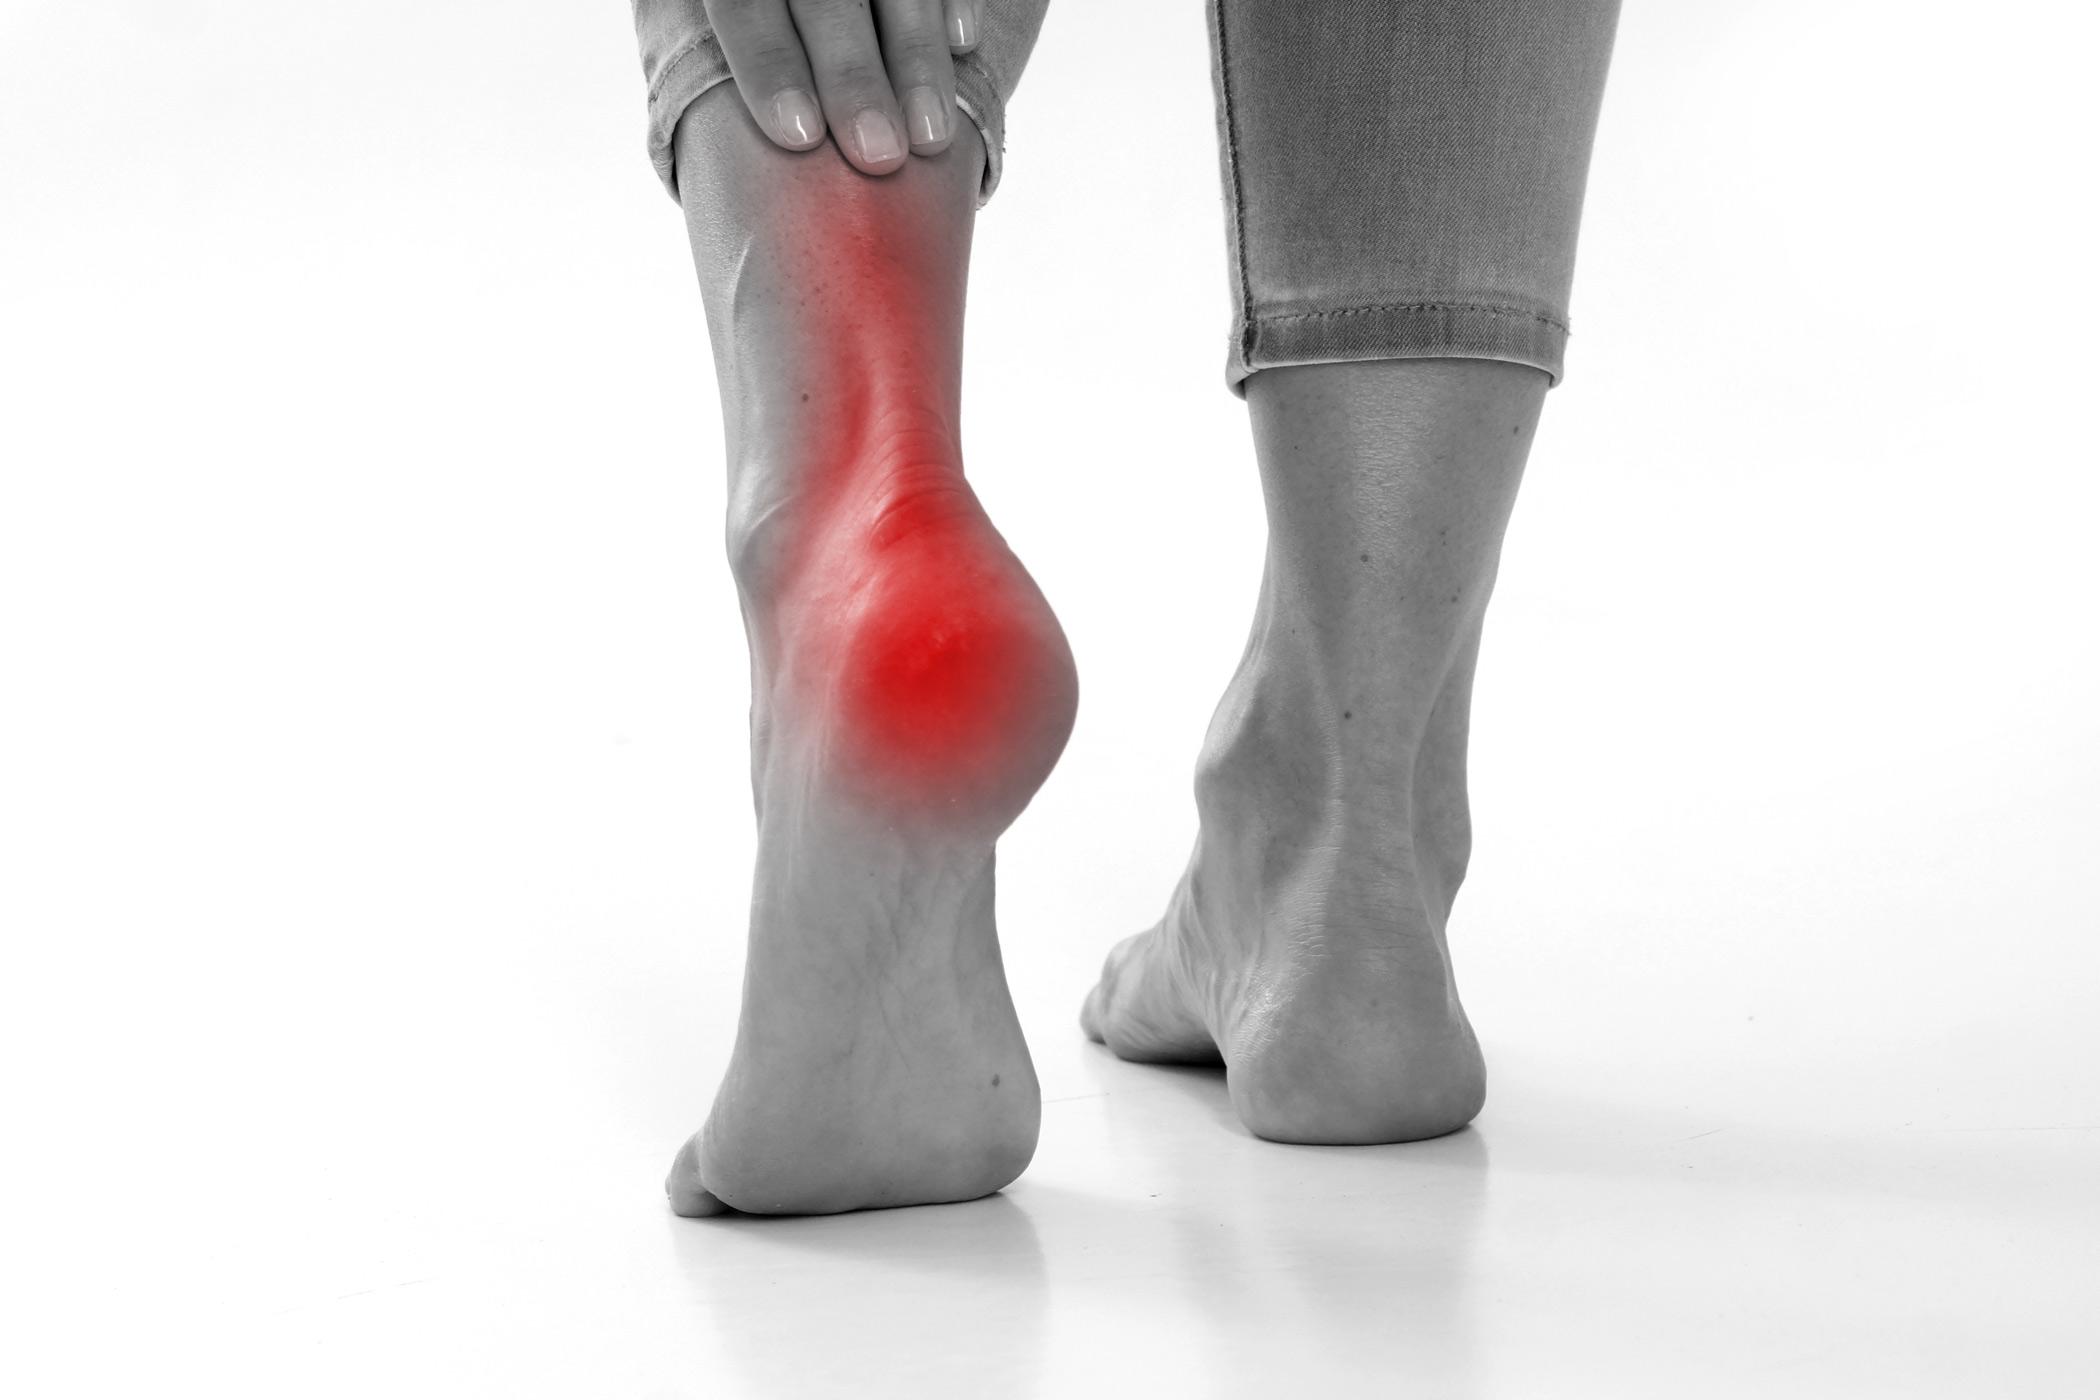 sarokfájdalom artrózis kezelése)